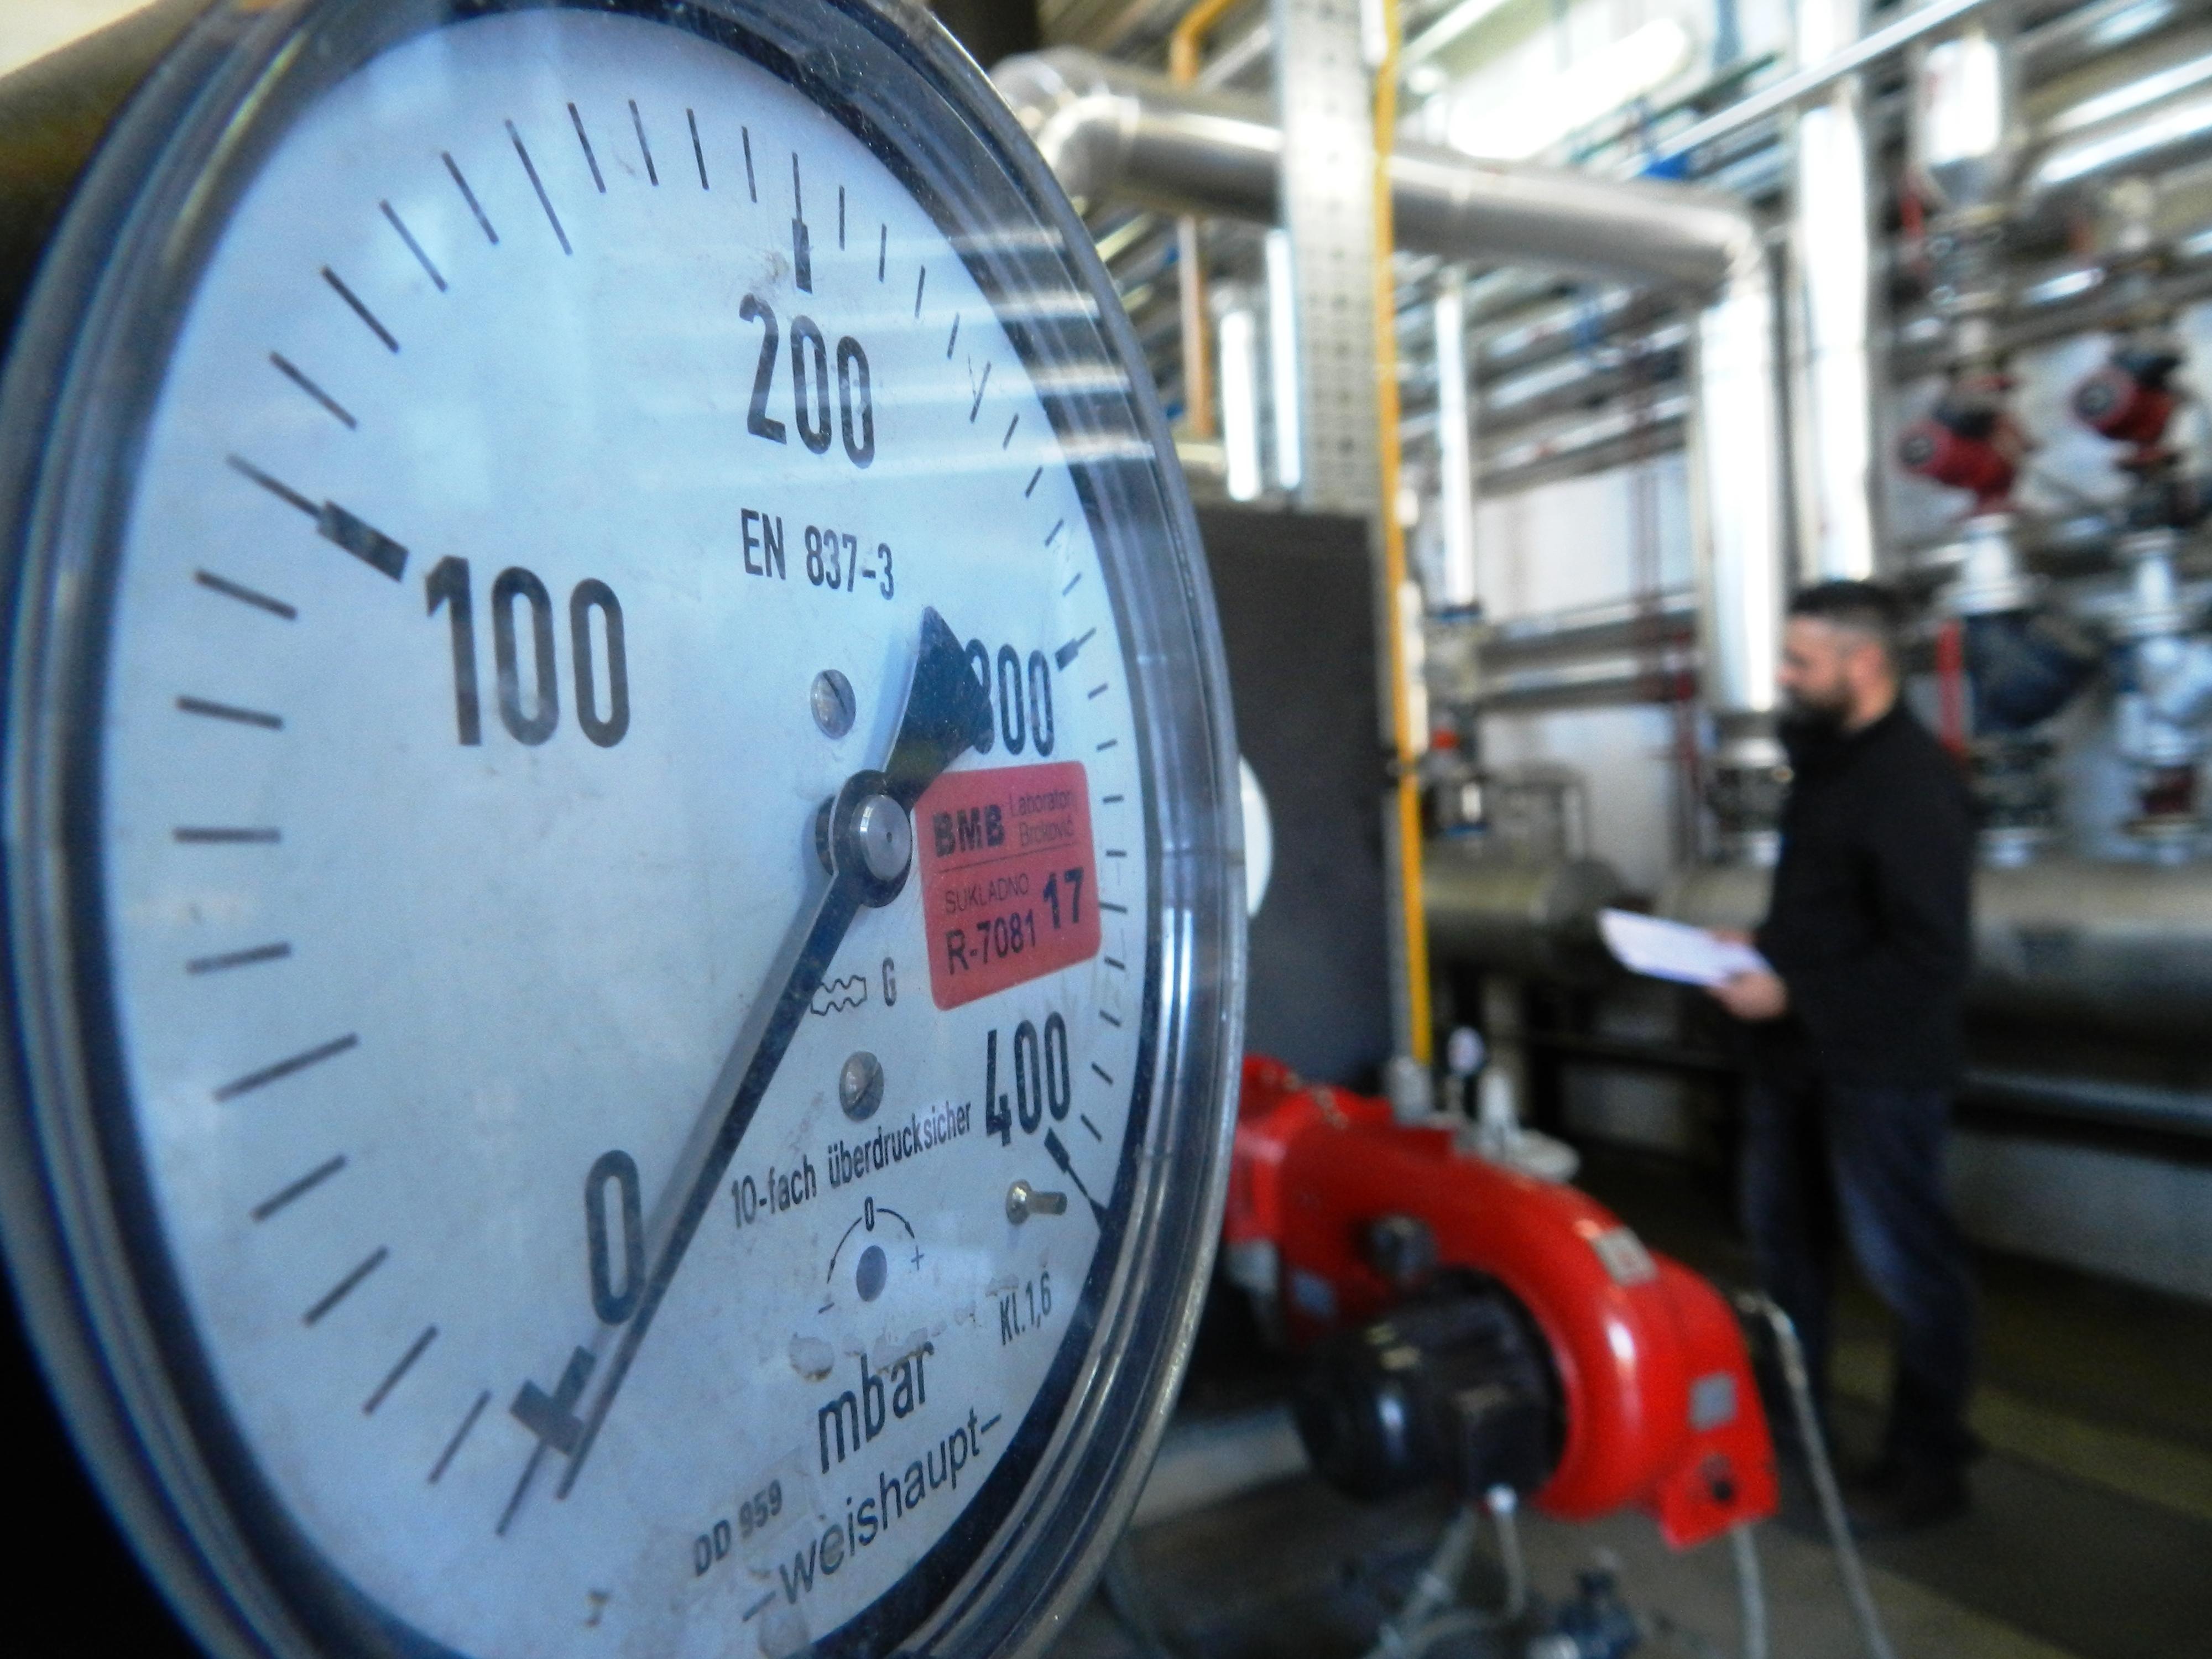 ispitivanje plinske instalacije - kotlovnica